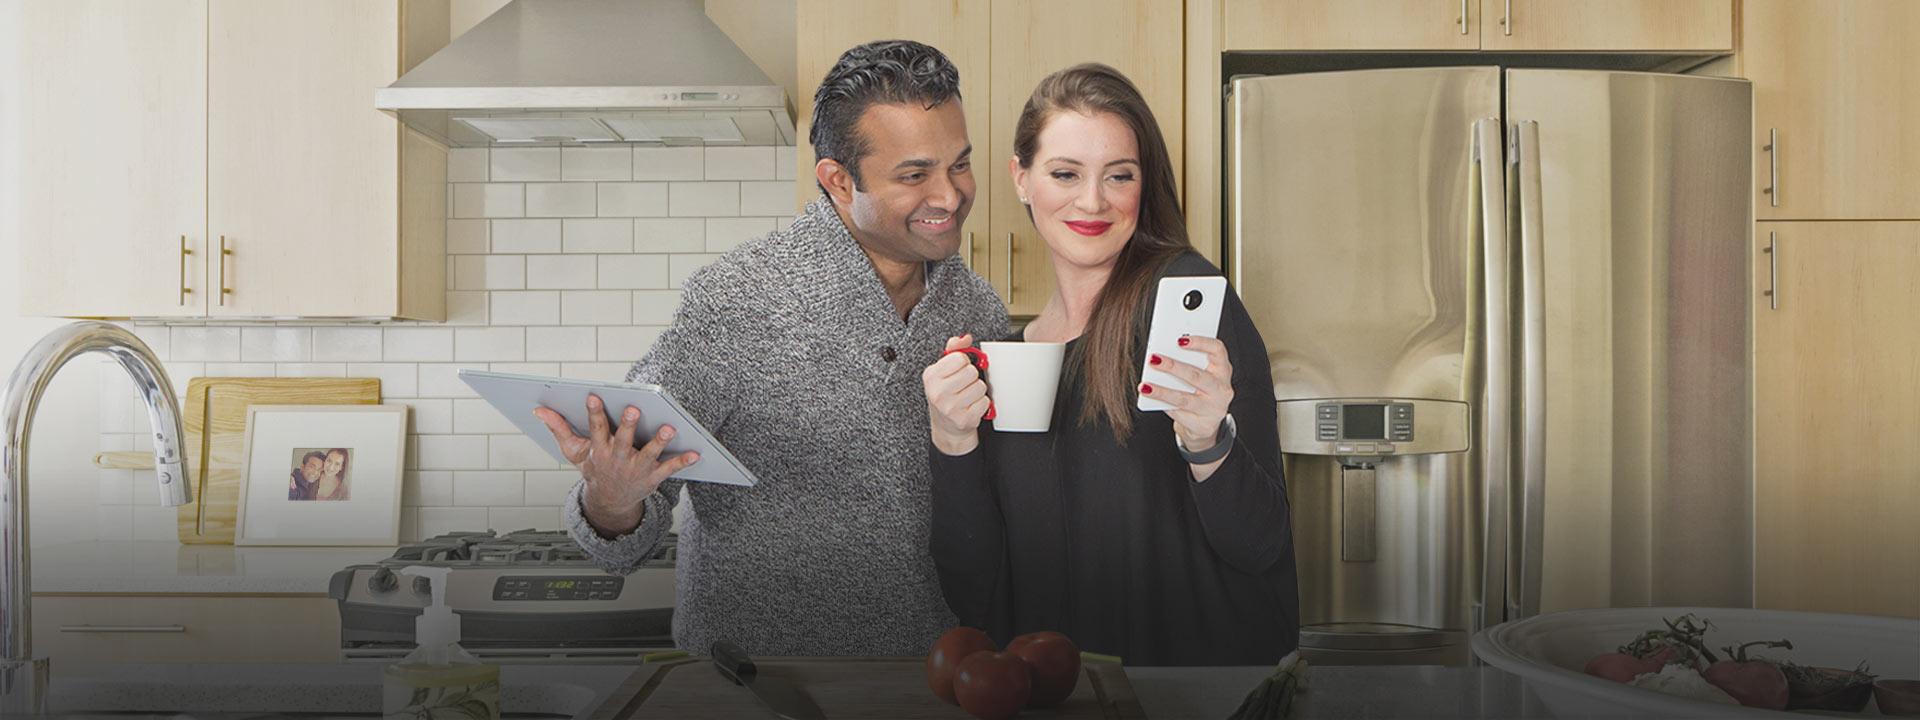 Ein Paar steht zusammen in einer modern eingerichteten Küche. Der Mann hält ein Tablet und die Frau hält ein Handy. Beide lachen und schauen gemeinsam auf den Bildschirm des Handys.